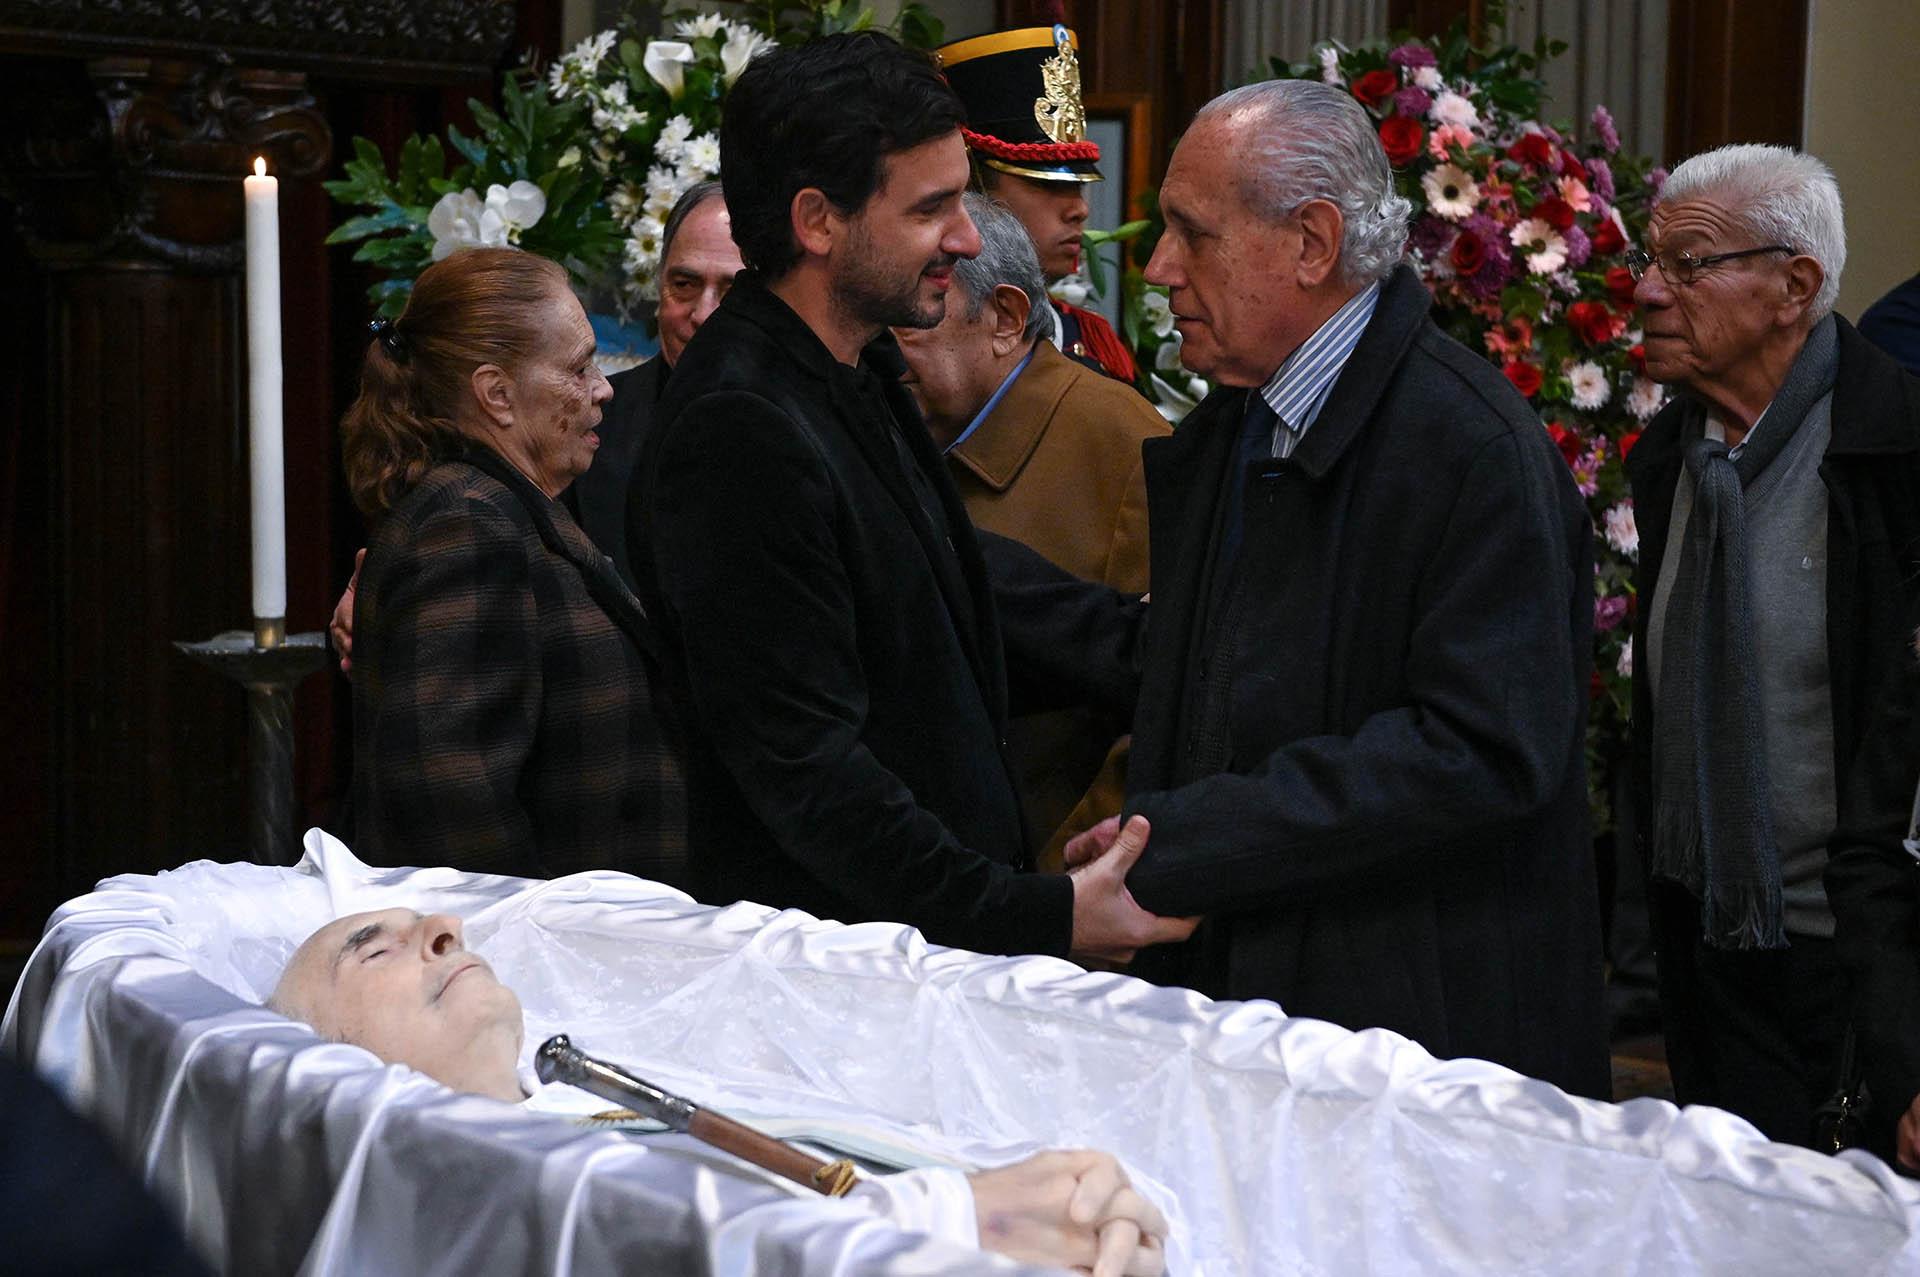 El ex ministro de Justicia Jorge Vanossi saluda a Antonio de la Rúa, hijo del ex Presidente